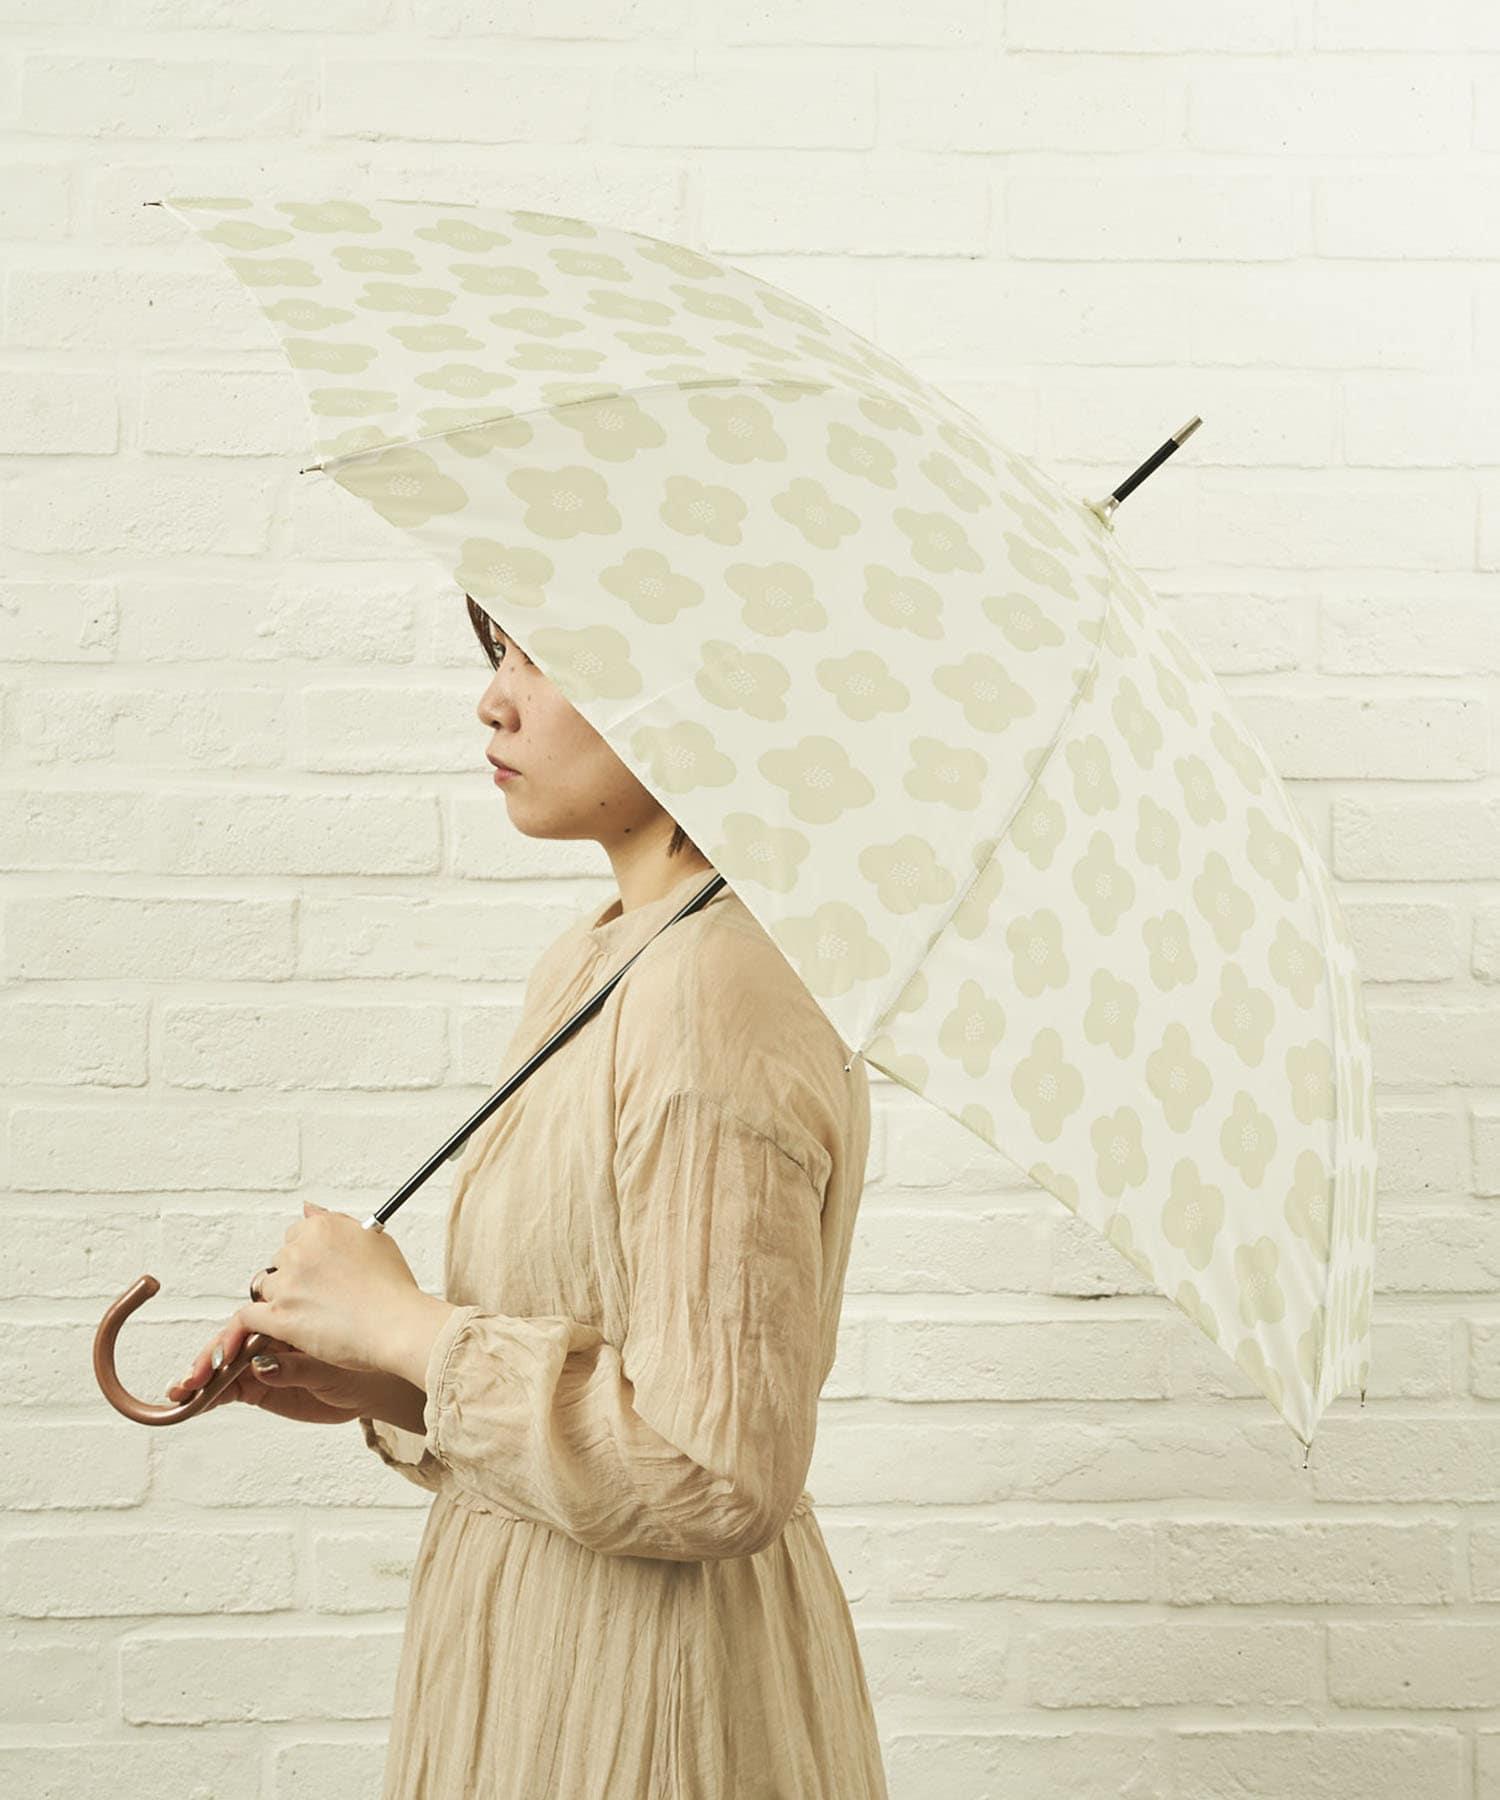 salut!(サリュ) ライフスタイル 雨傘長おはな(イエロー) その他